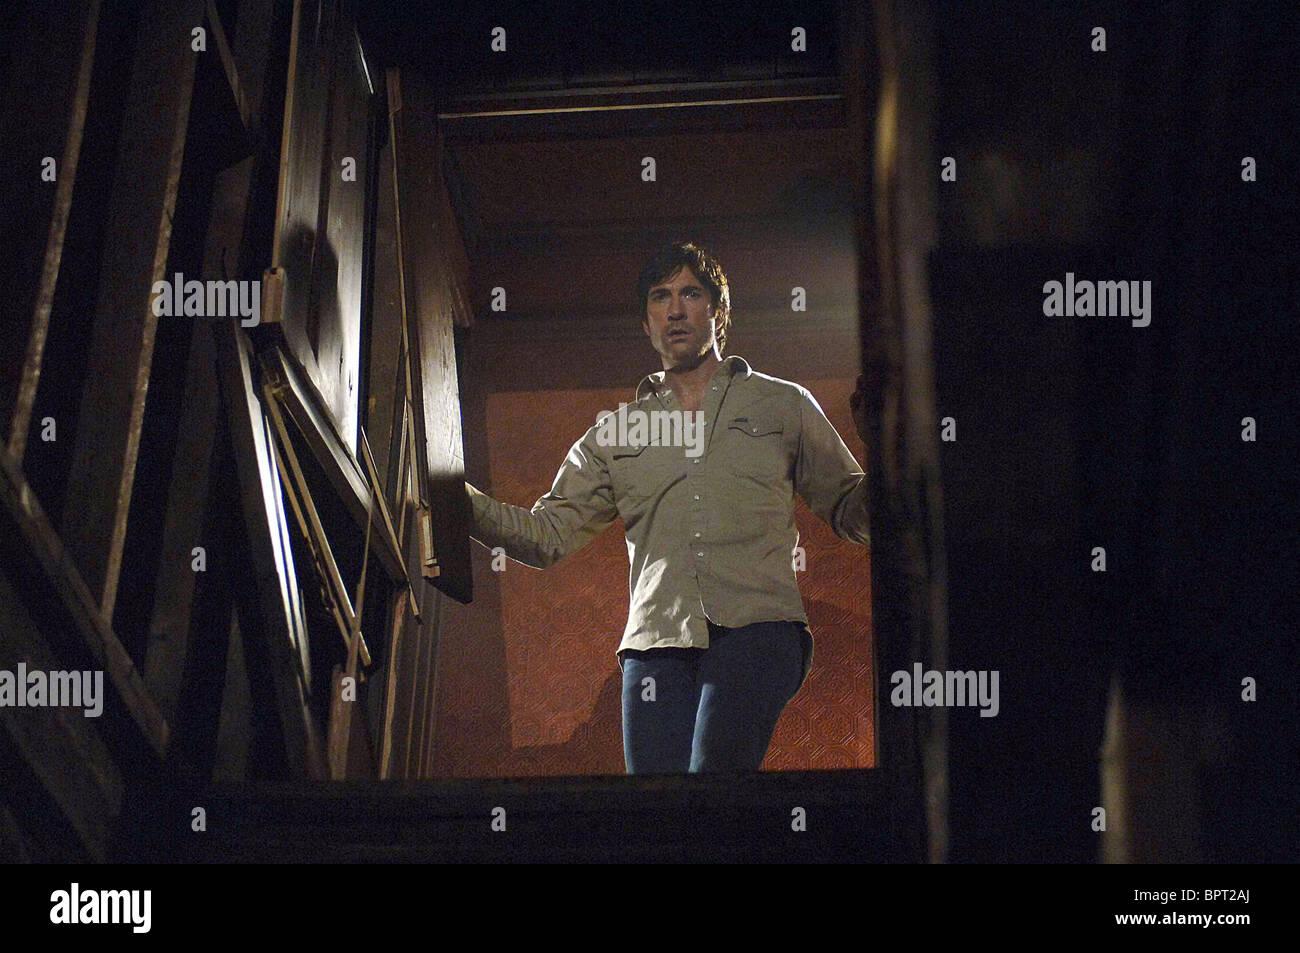 DYLAN MCDERMOTT THE MESSENGERS (2007) - Stock Image